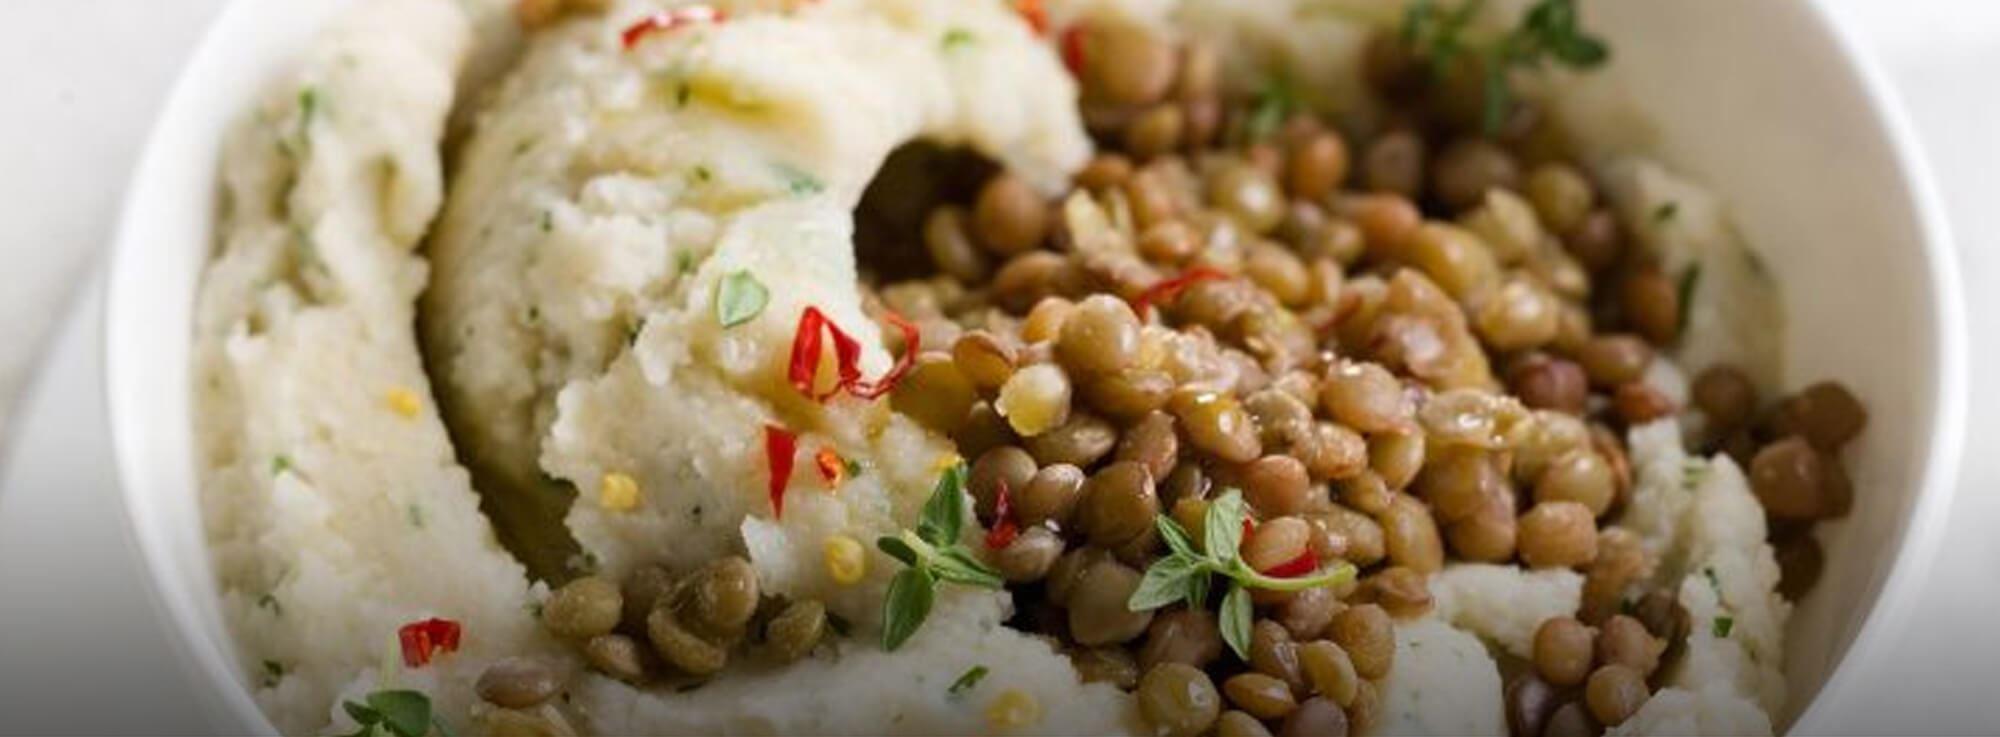 Ricetta: Purè di patate e lenticchie